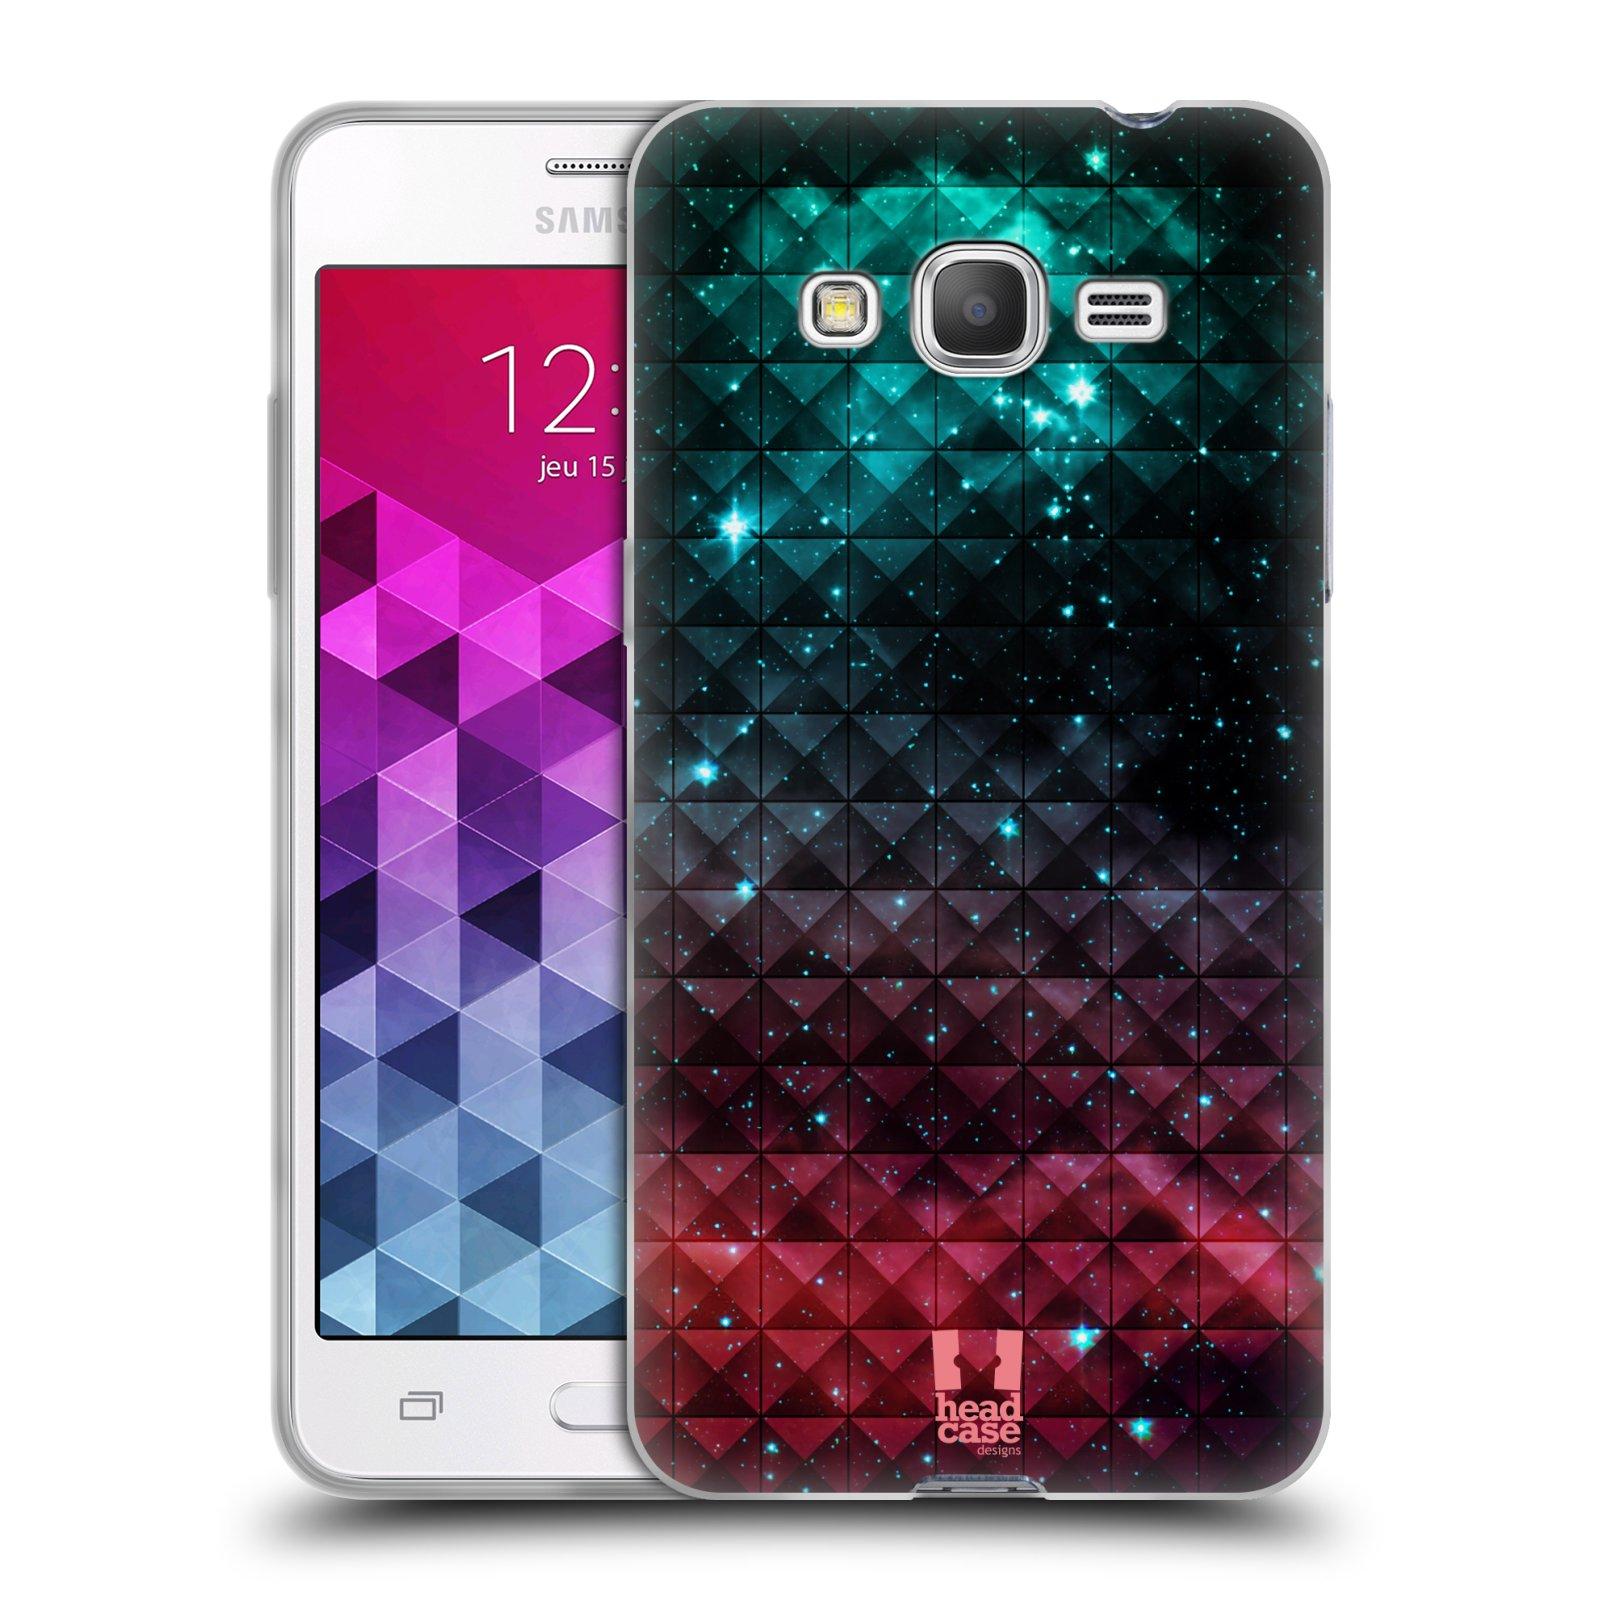 Silikonové pouzdro na mobil Samsung Galaxy Grand Prime VE HEAD CASE OMBRE SPARKLE